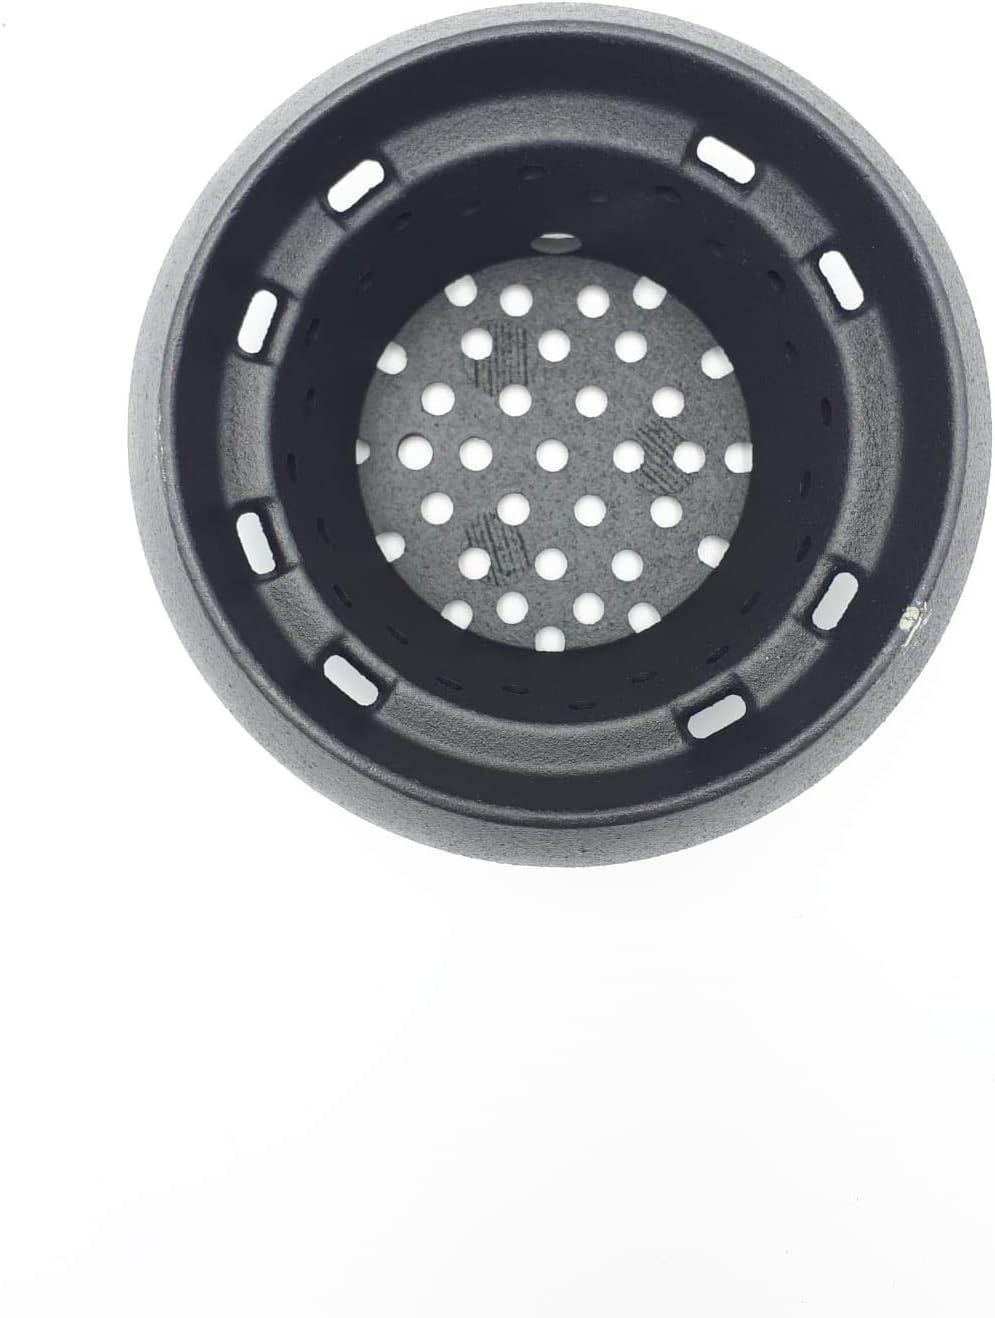 Palazzetti Royal 895713850 - Quemador redondo mini 6-9 kW V08 para estufa de pellets